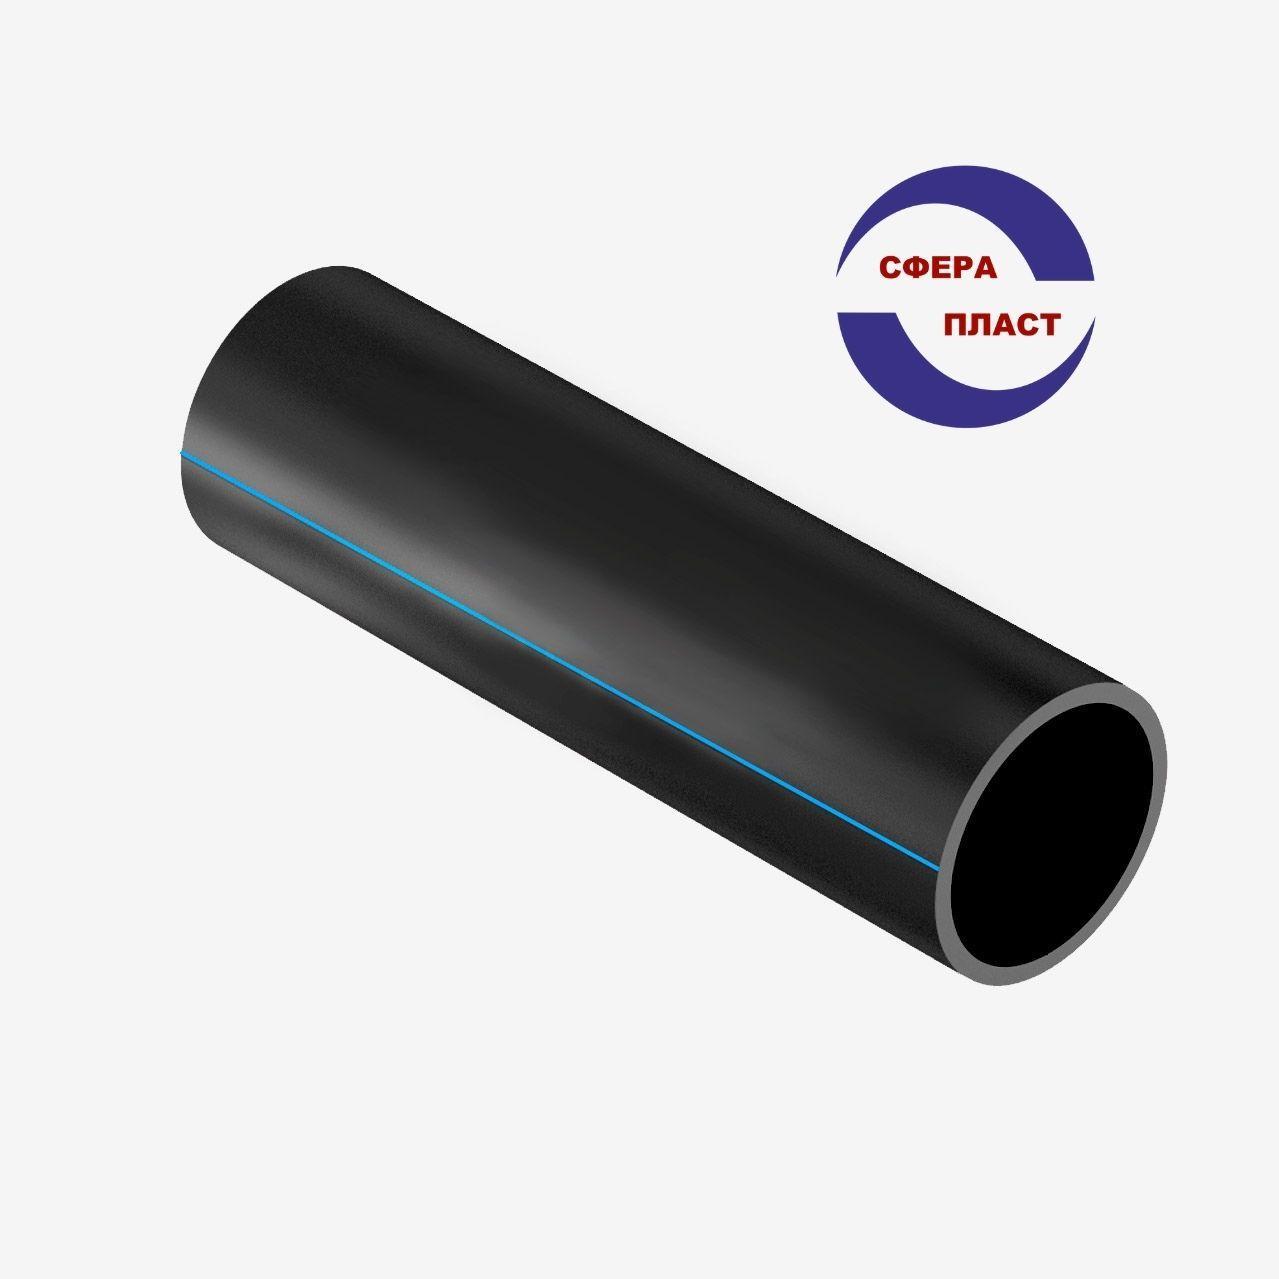 Труба Ду-90x6,7 SDR13,6 (12,5 атм) полиэтиленовая ПЭ-100